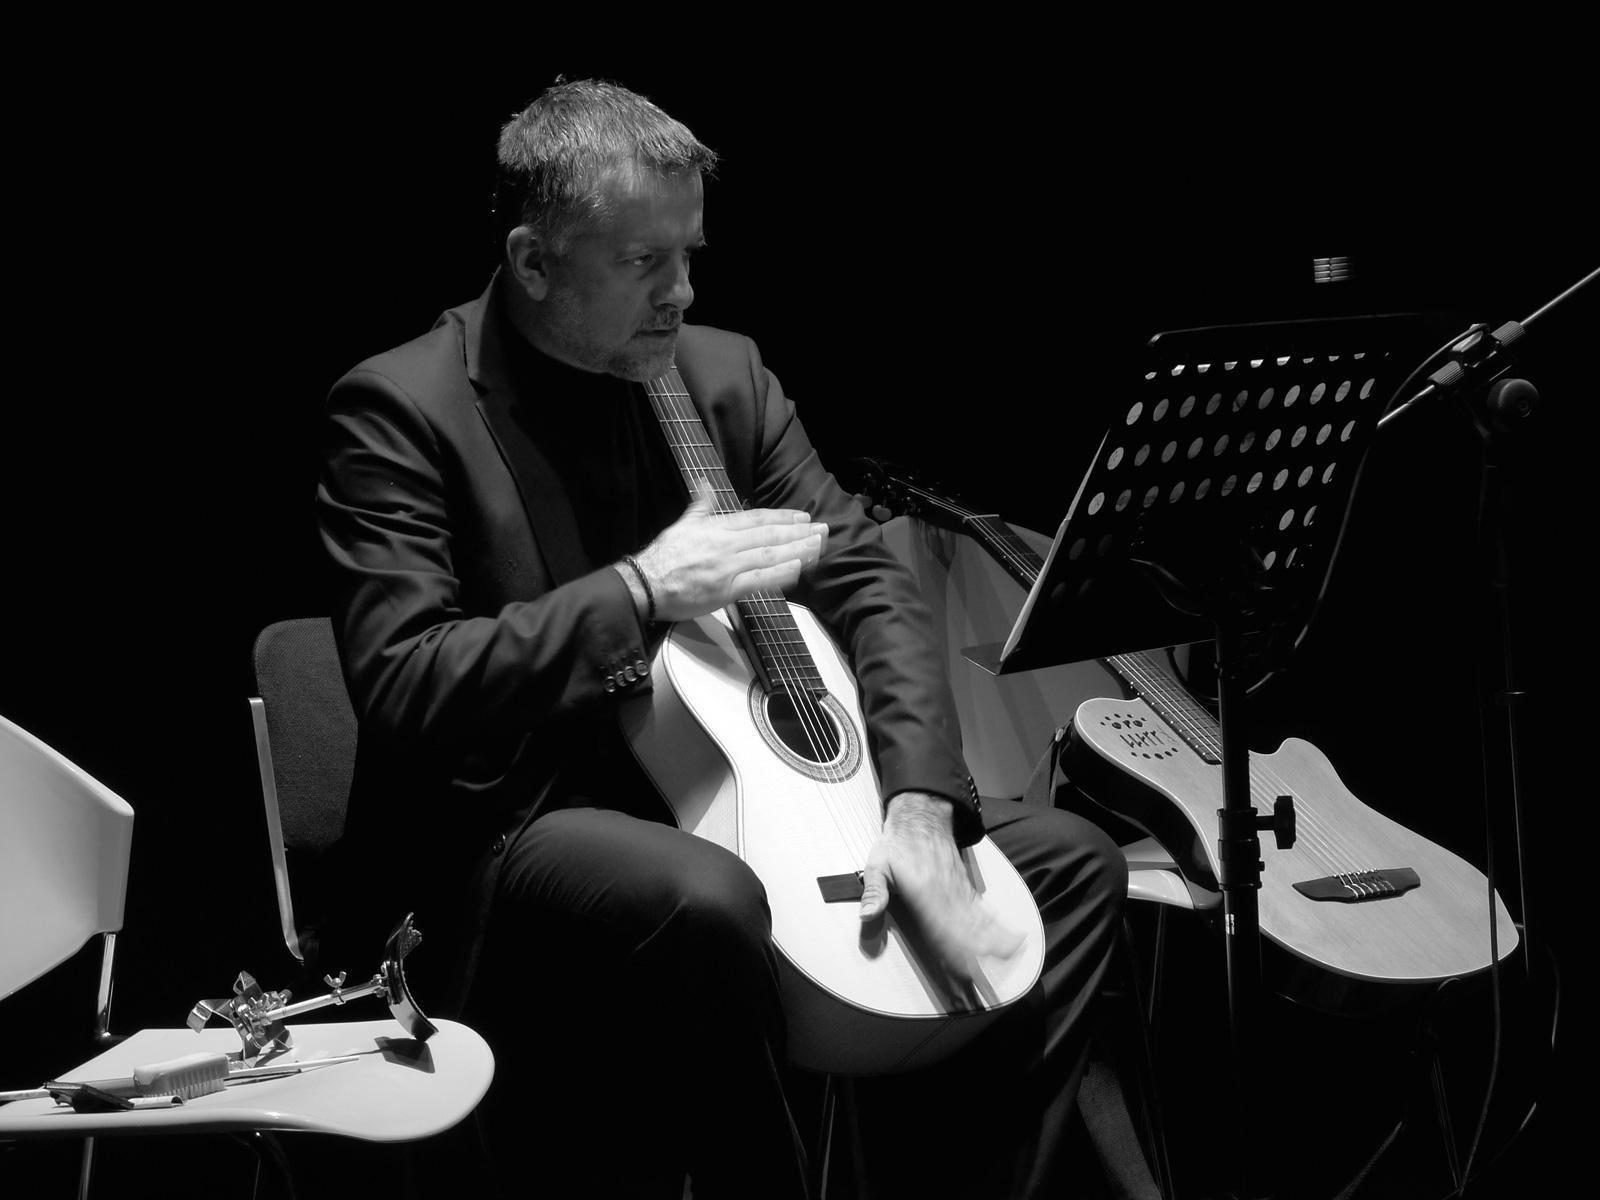 Arturo Tallini - Reich